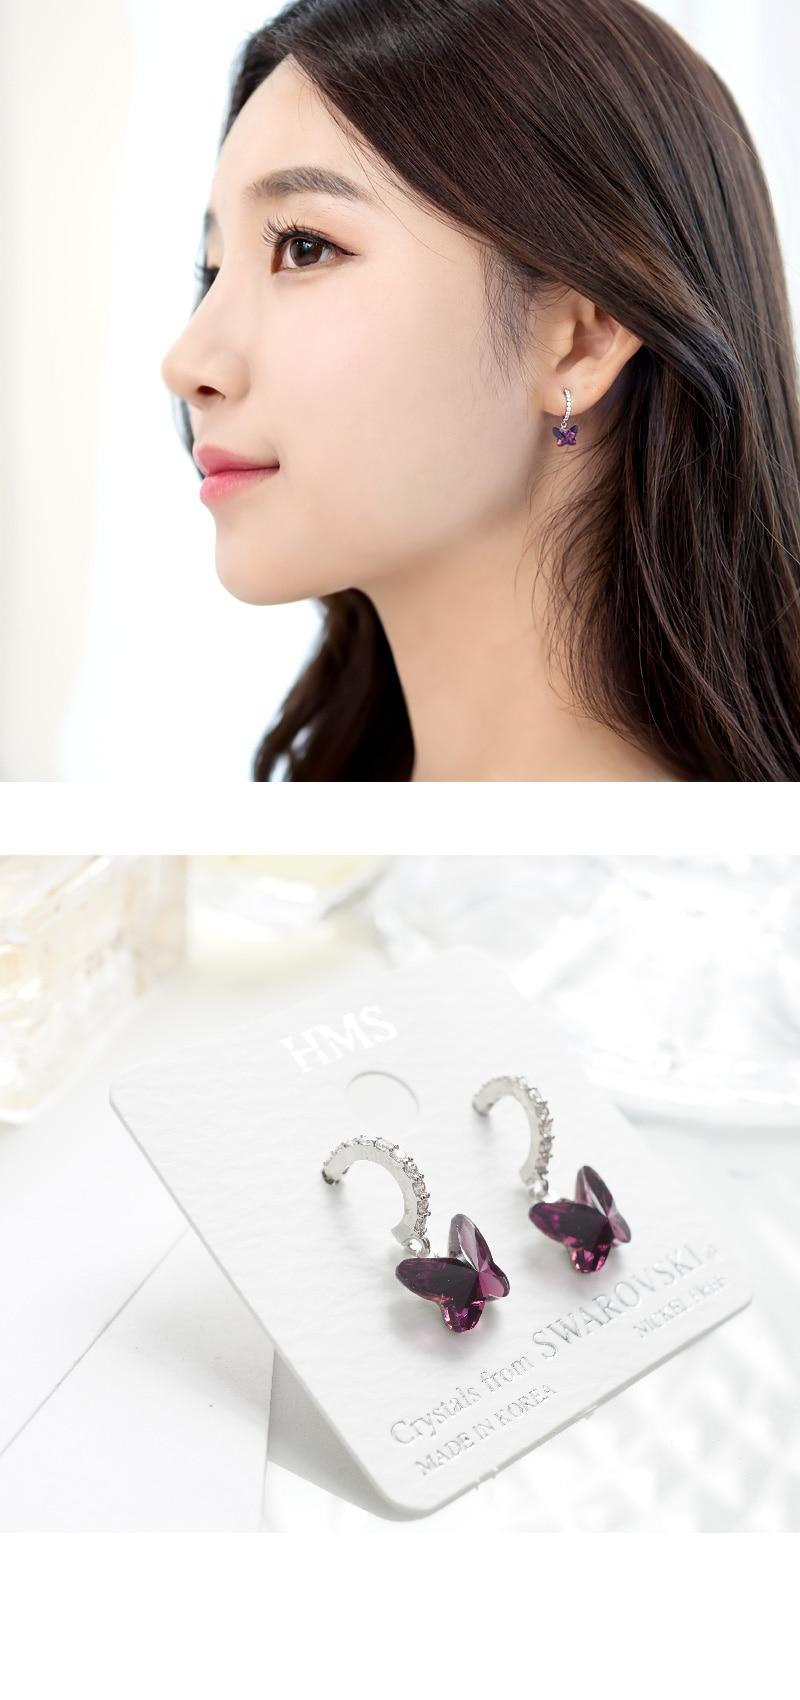 스와로브스키 크리스탈 나비 롱 드롭 퍼플 귀걸이 ESG3172 - 비욘드라이프, 13,600원, 진주/원석, 드롭귀걸이